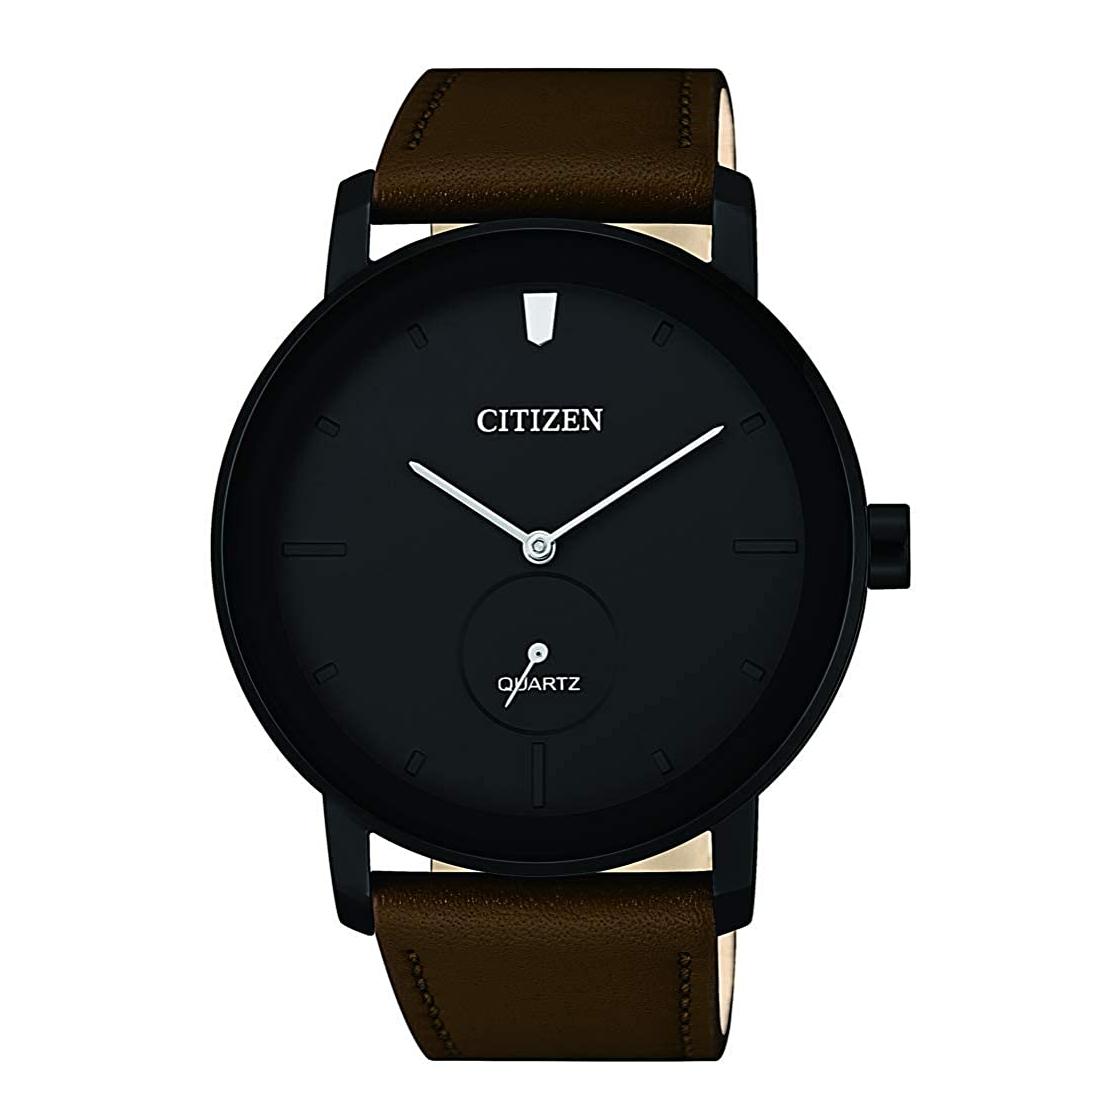 ساعت مچی عقربه ای مردانه سیتی زن کد BE9185-08E              خرید (⭐️⭐️⭐️)